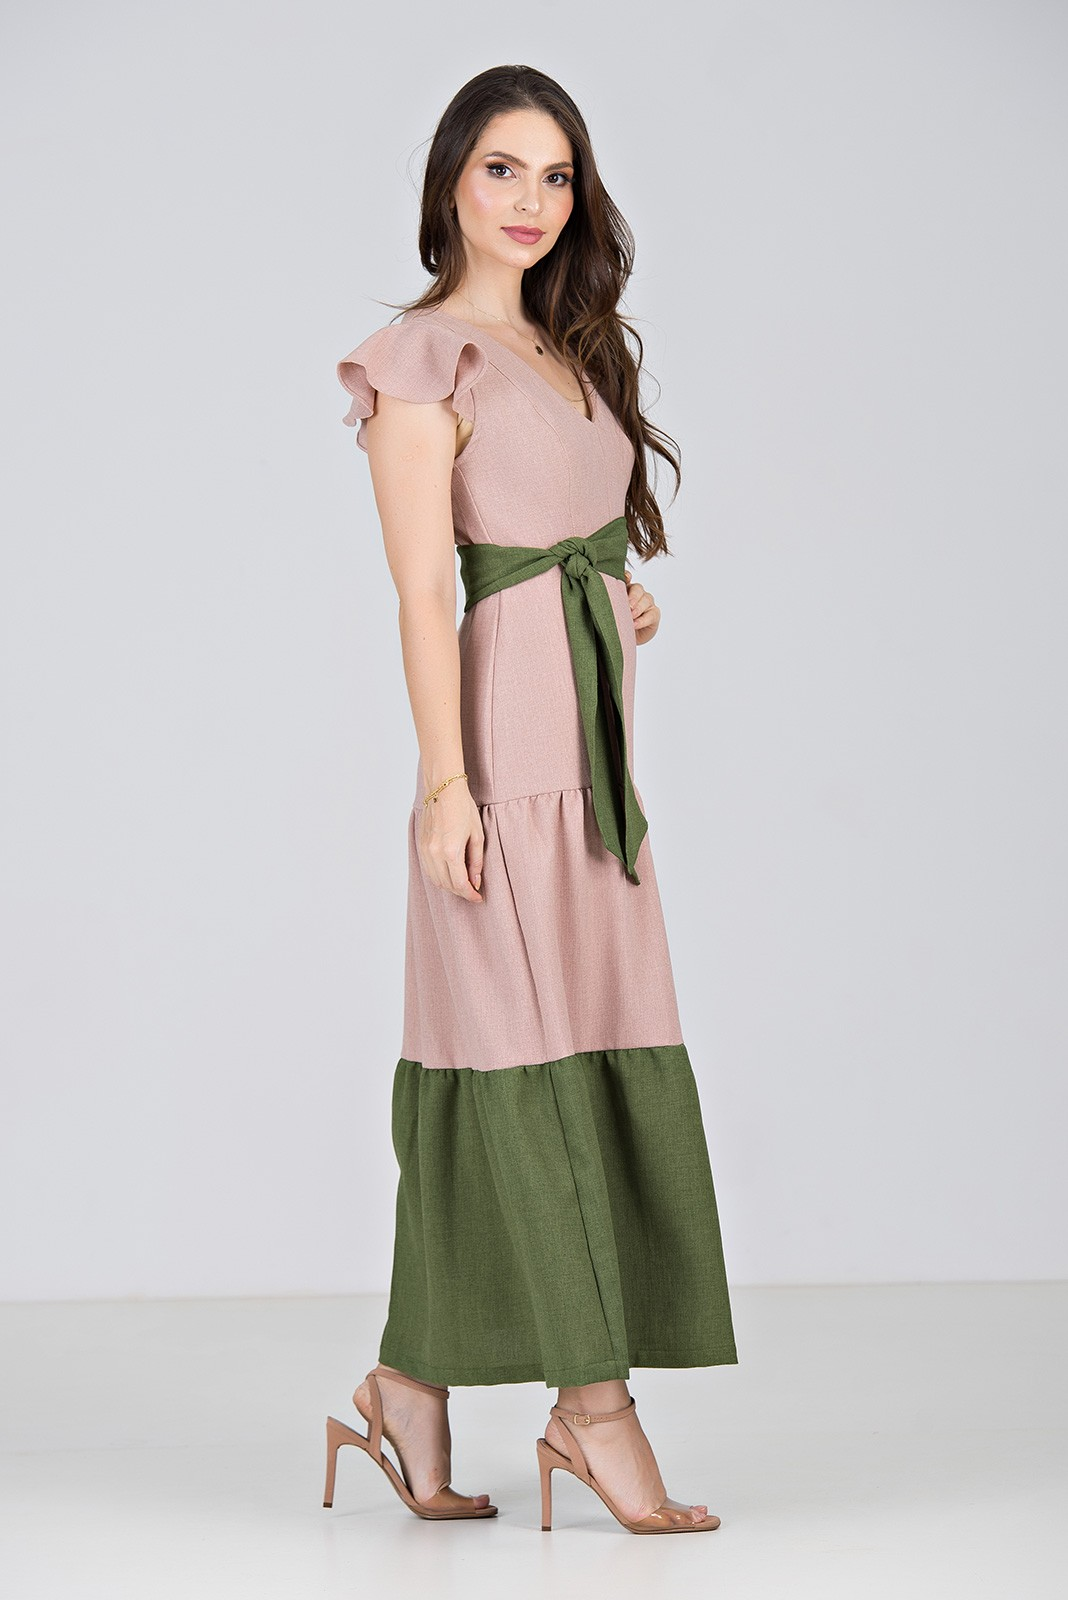 Vestido Longo em Linha Texturizada Bicolor Rosê\Verde  - Midsize